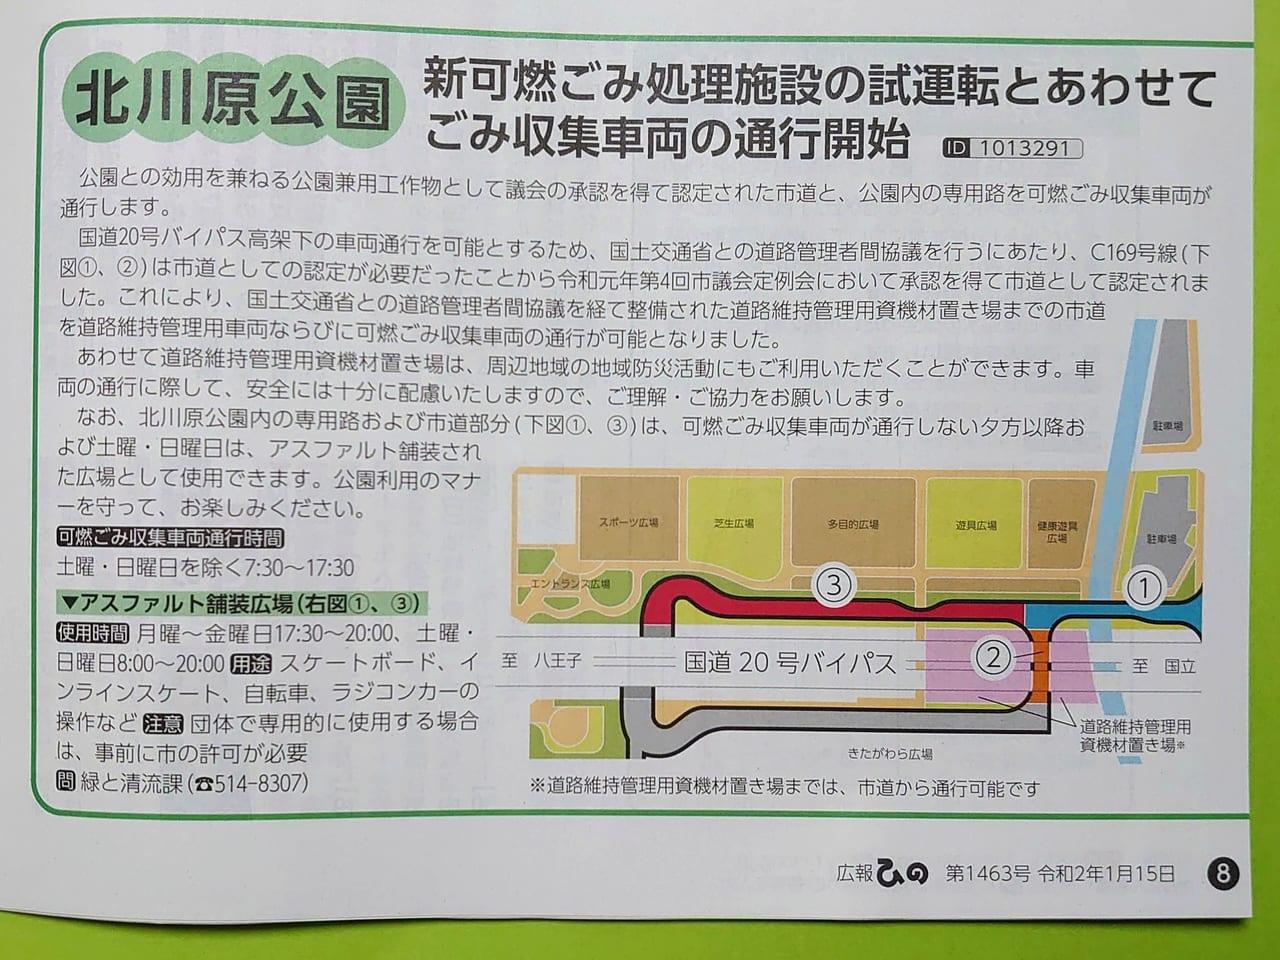 広報ひの2020年1月15日号の北川原公園の記事